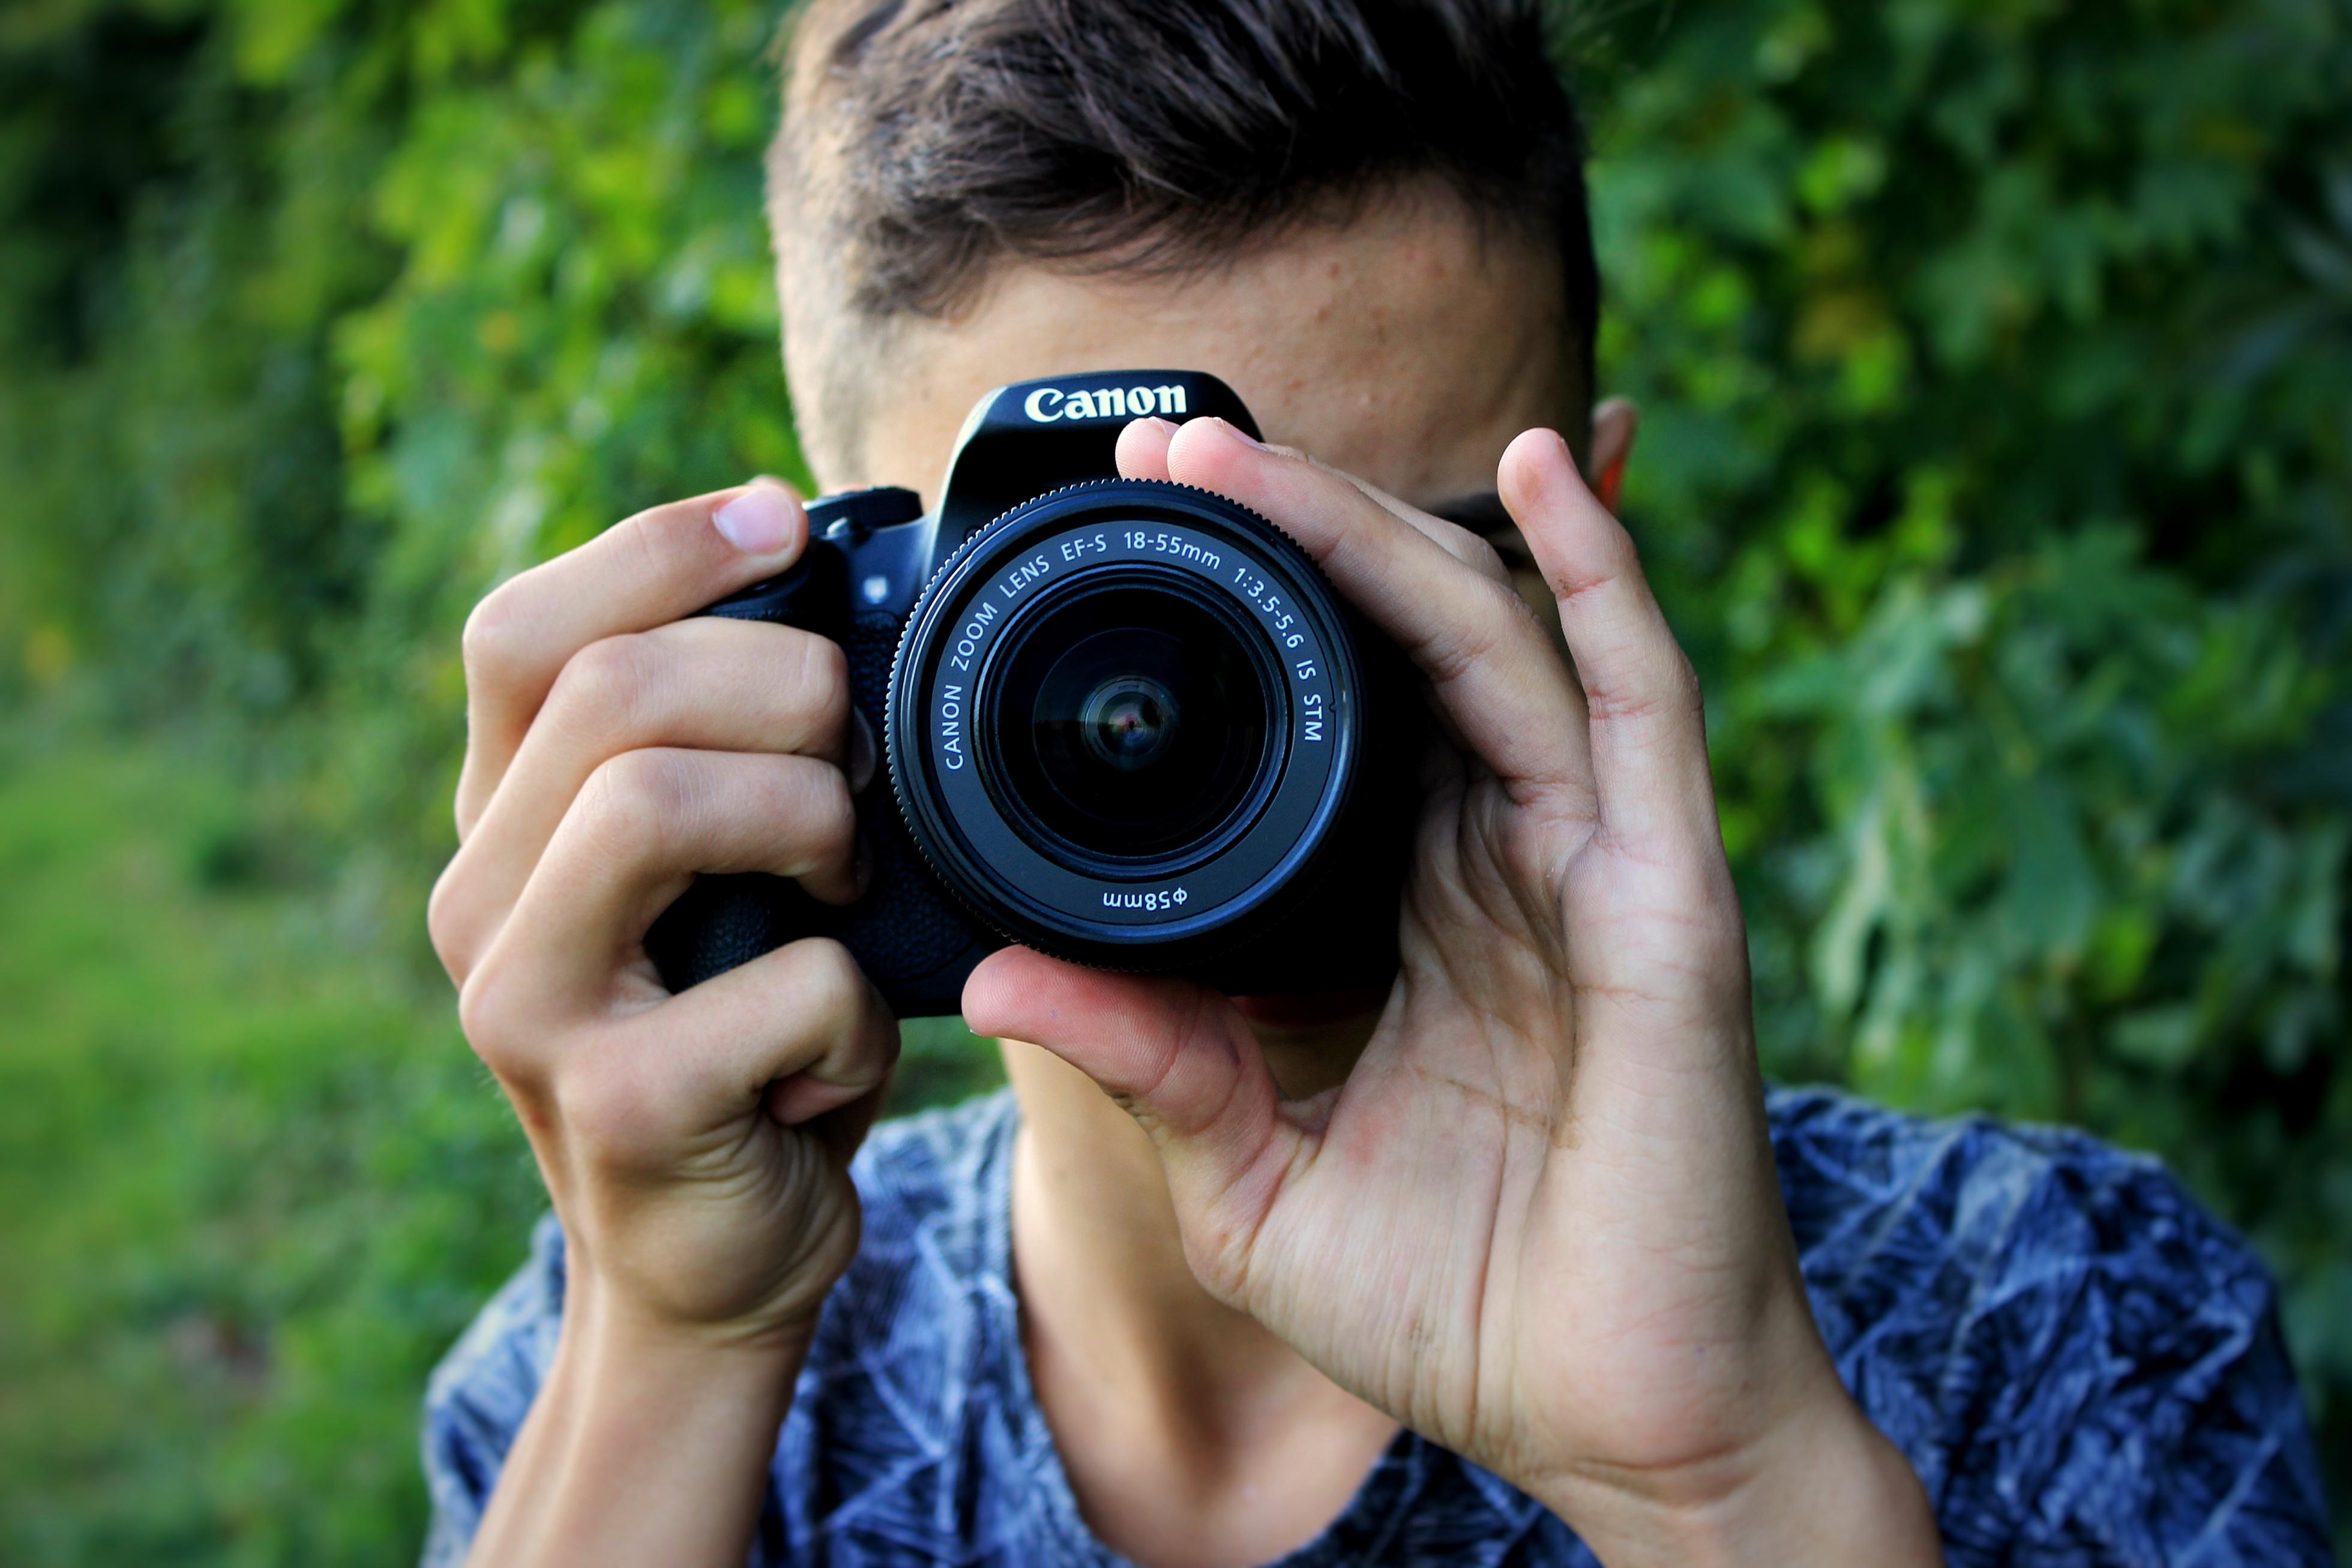 как сделать красивые снимки на фотоаппарате андерсон является